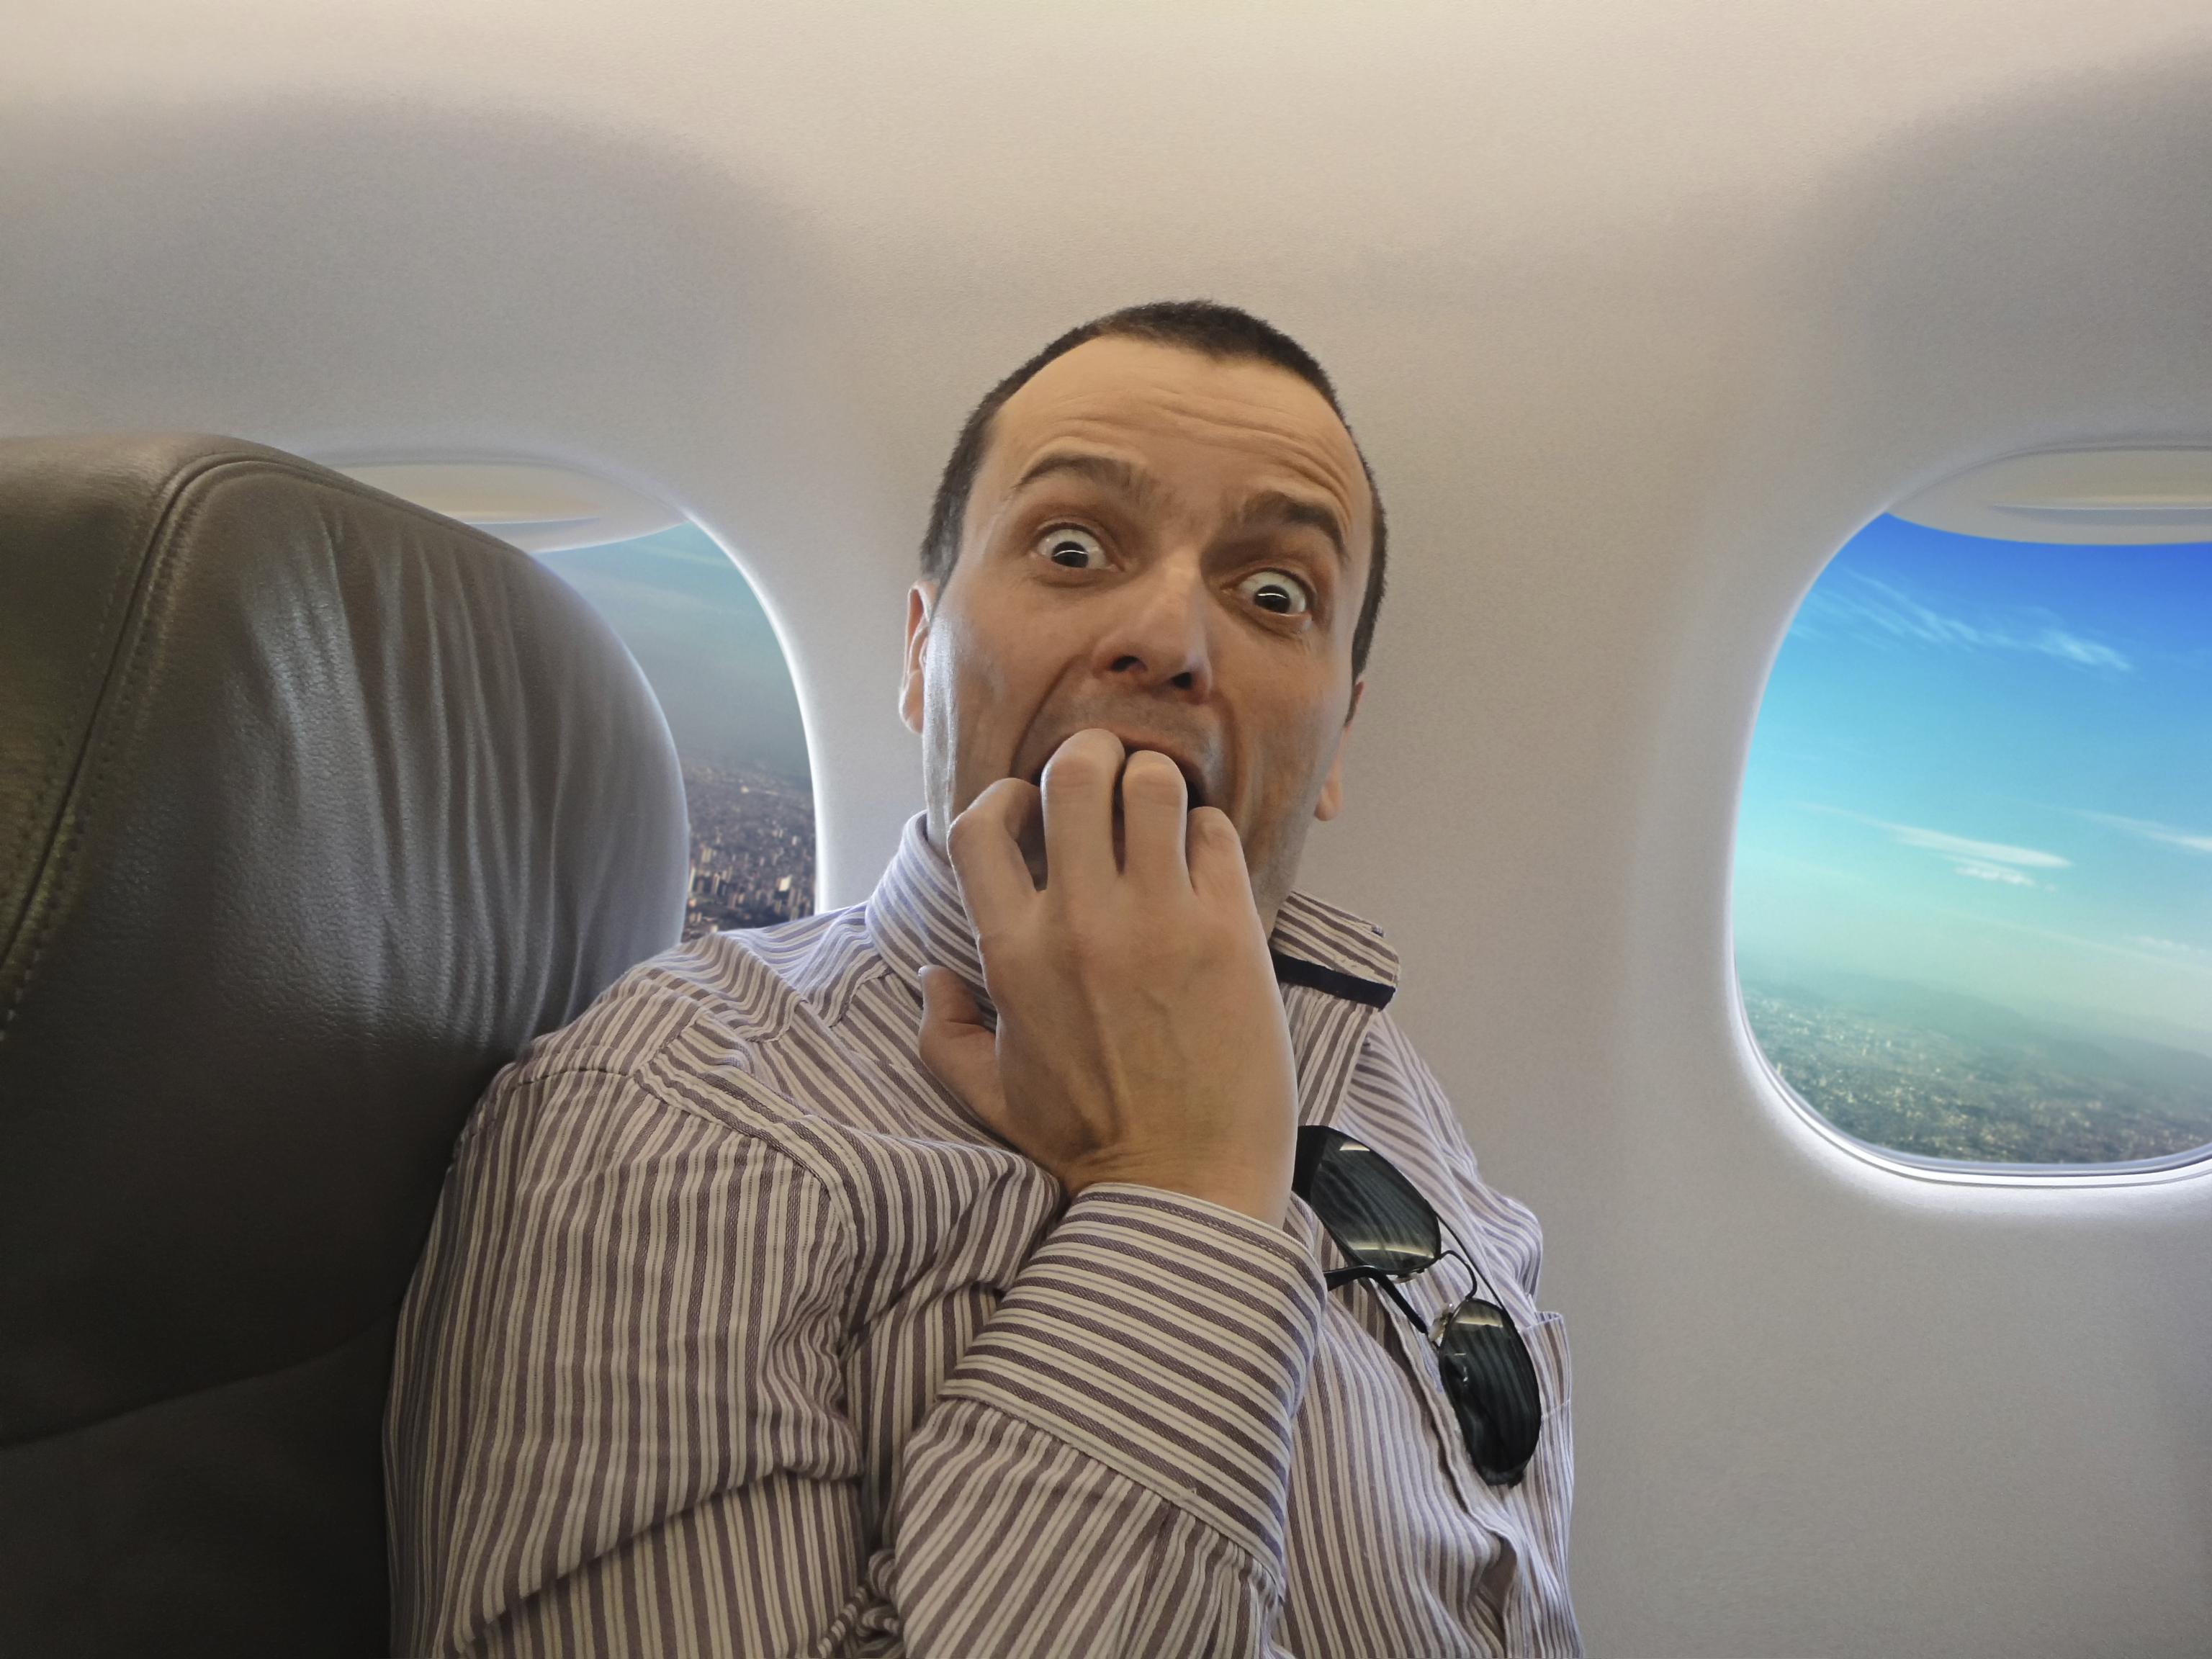 Opilý pasažér si v letadle spletl dveře na WC s východem ven